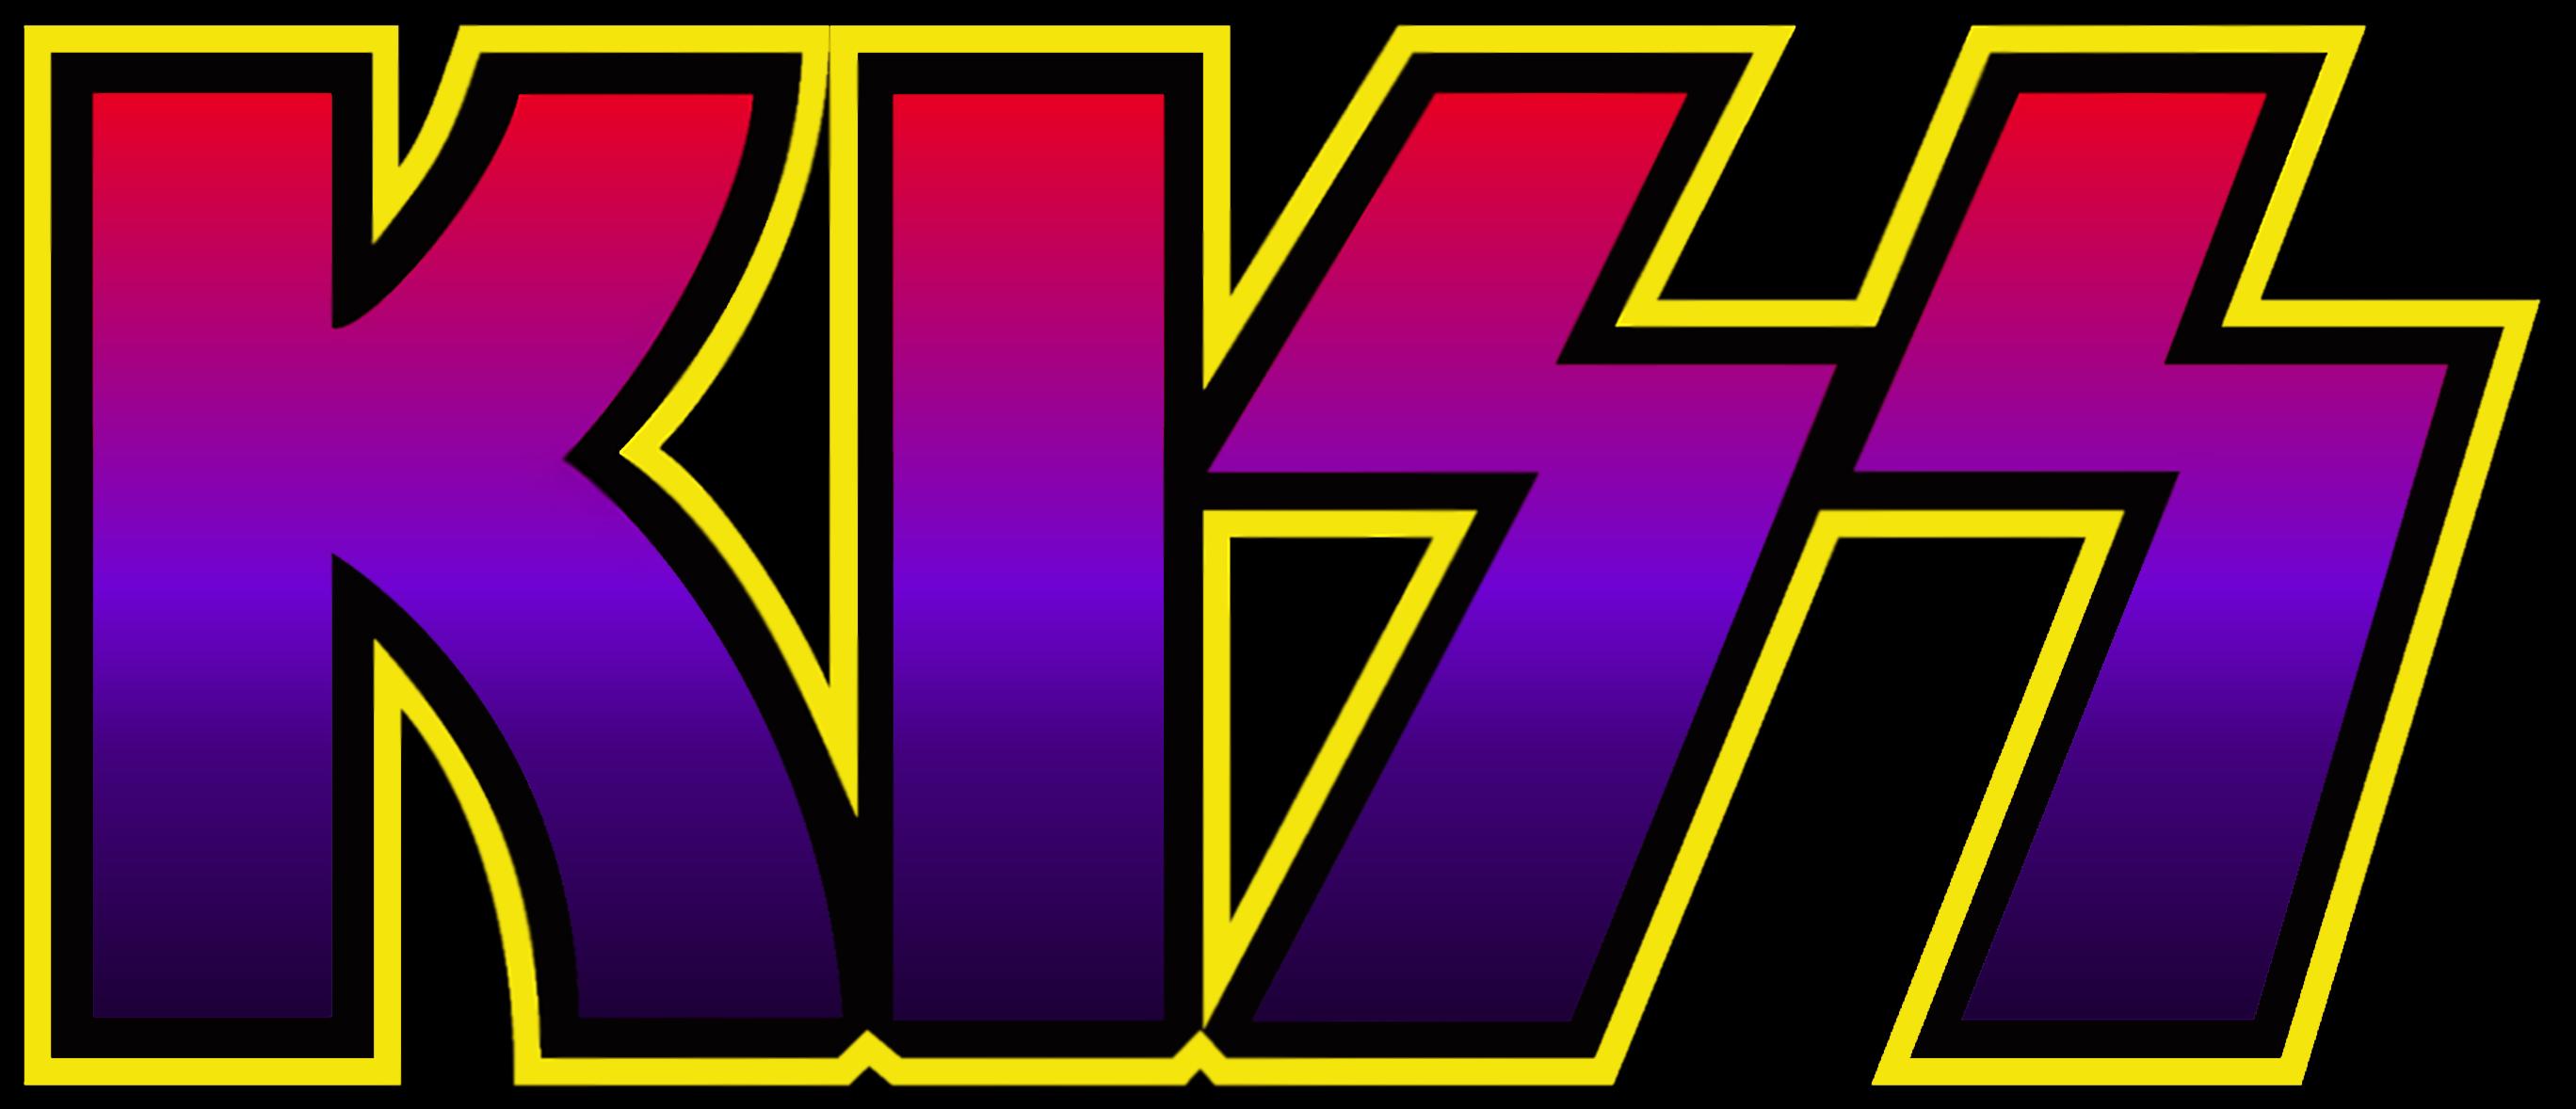 Homemade KISS logos for fun :).